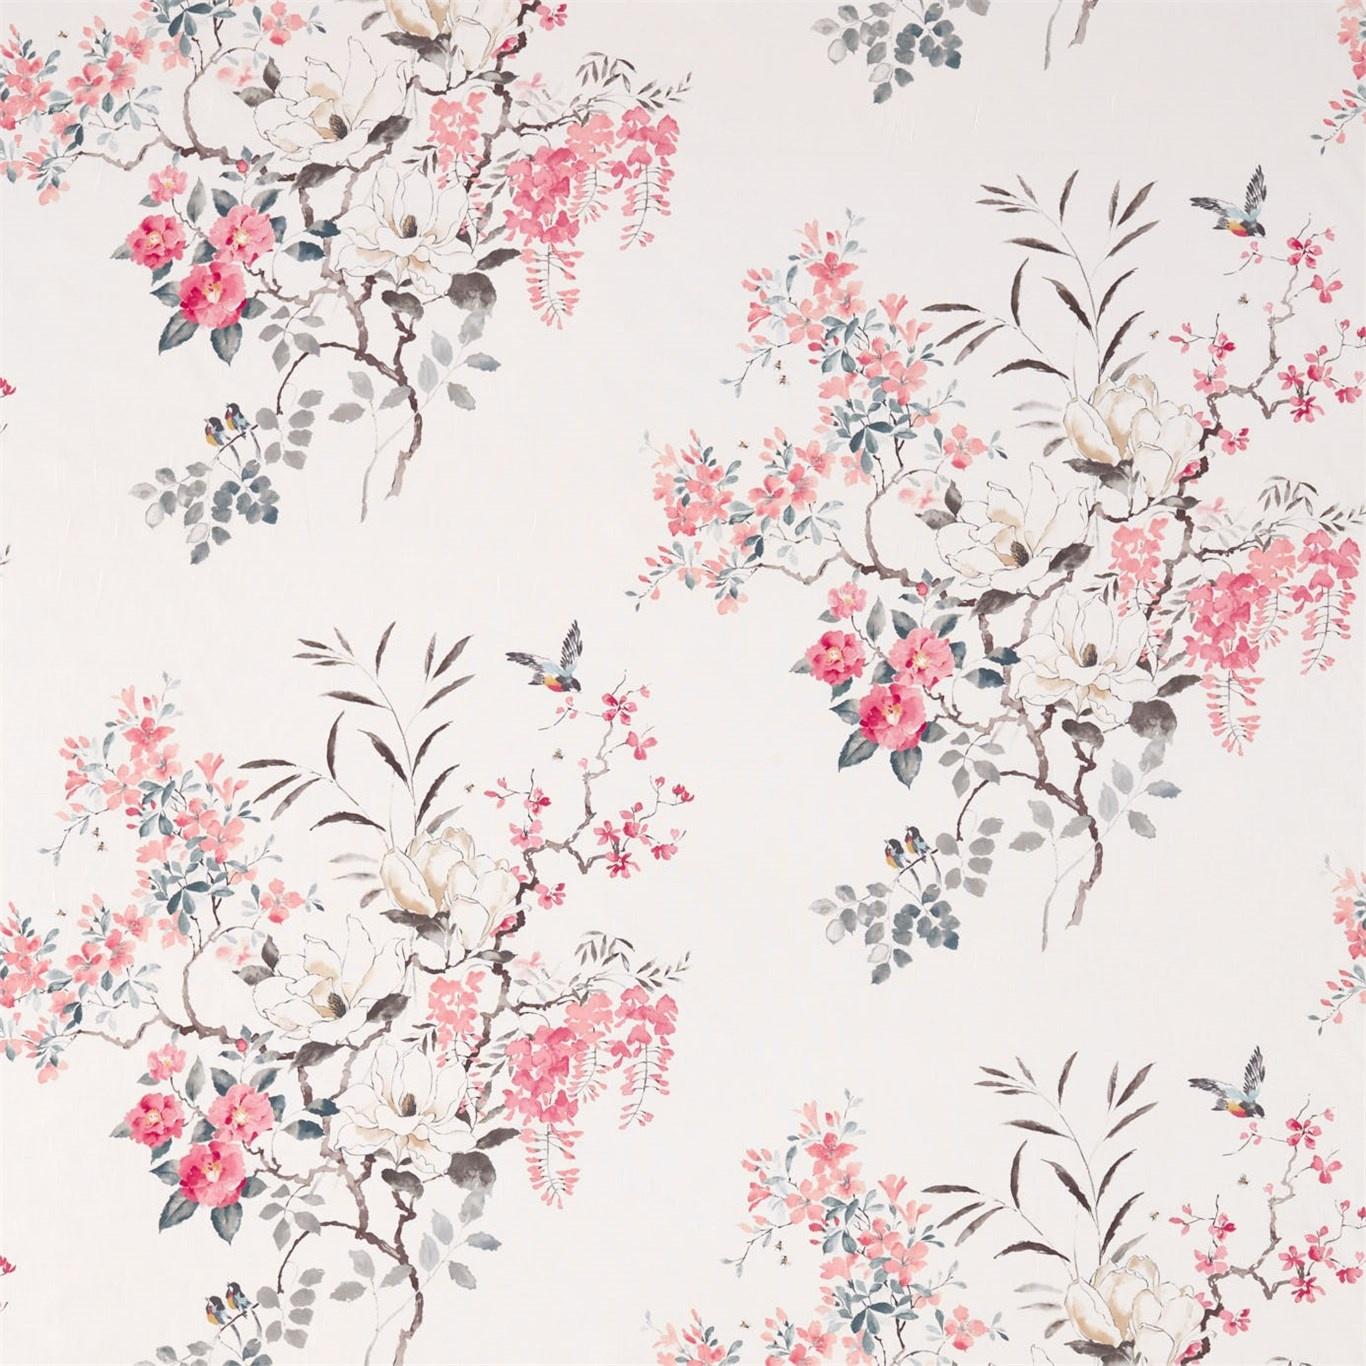 Image of Sanderson Magnolia & Blossom Coral/Silver Fabric 226295